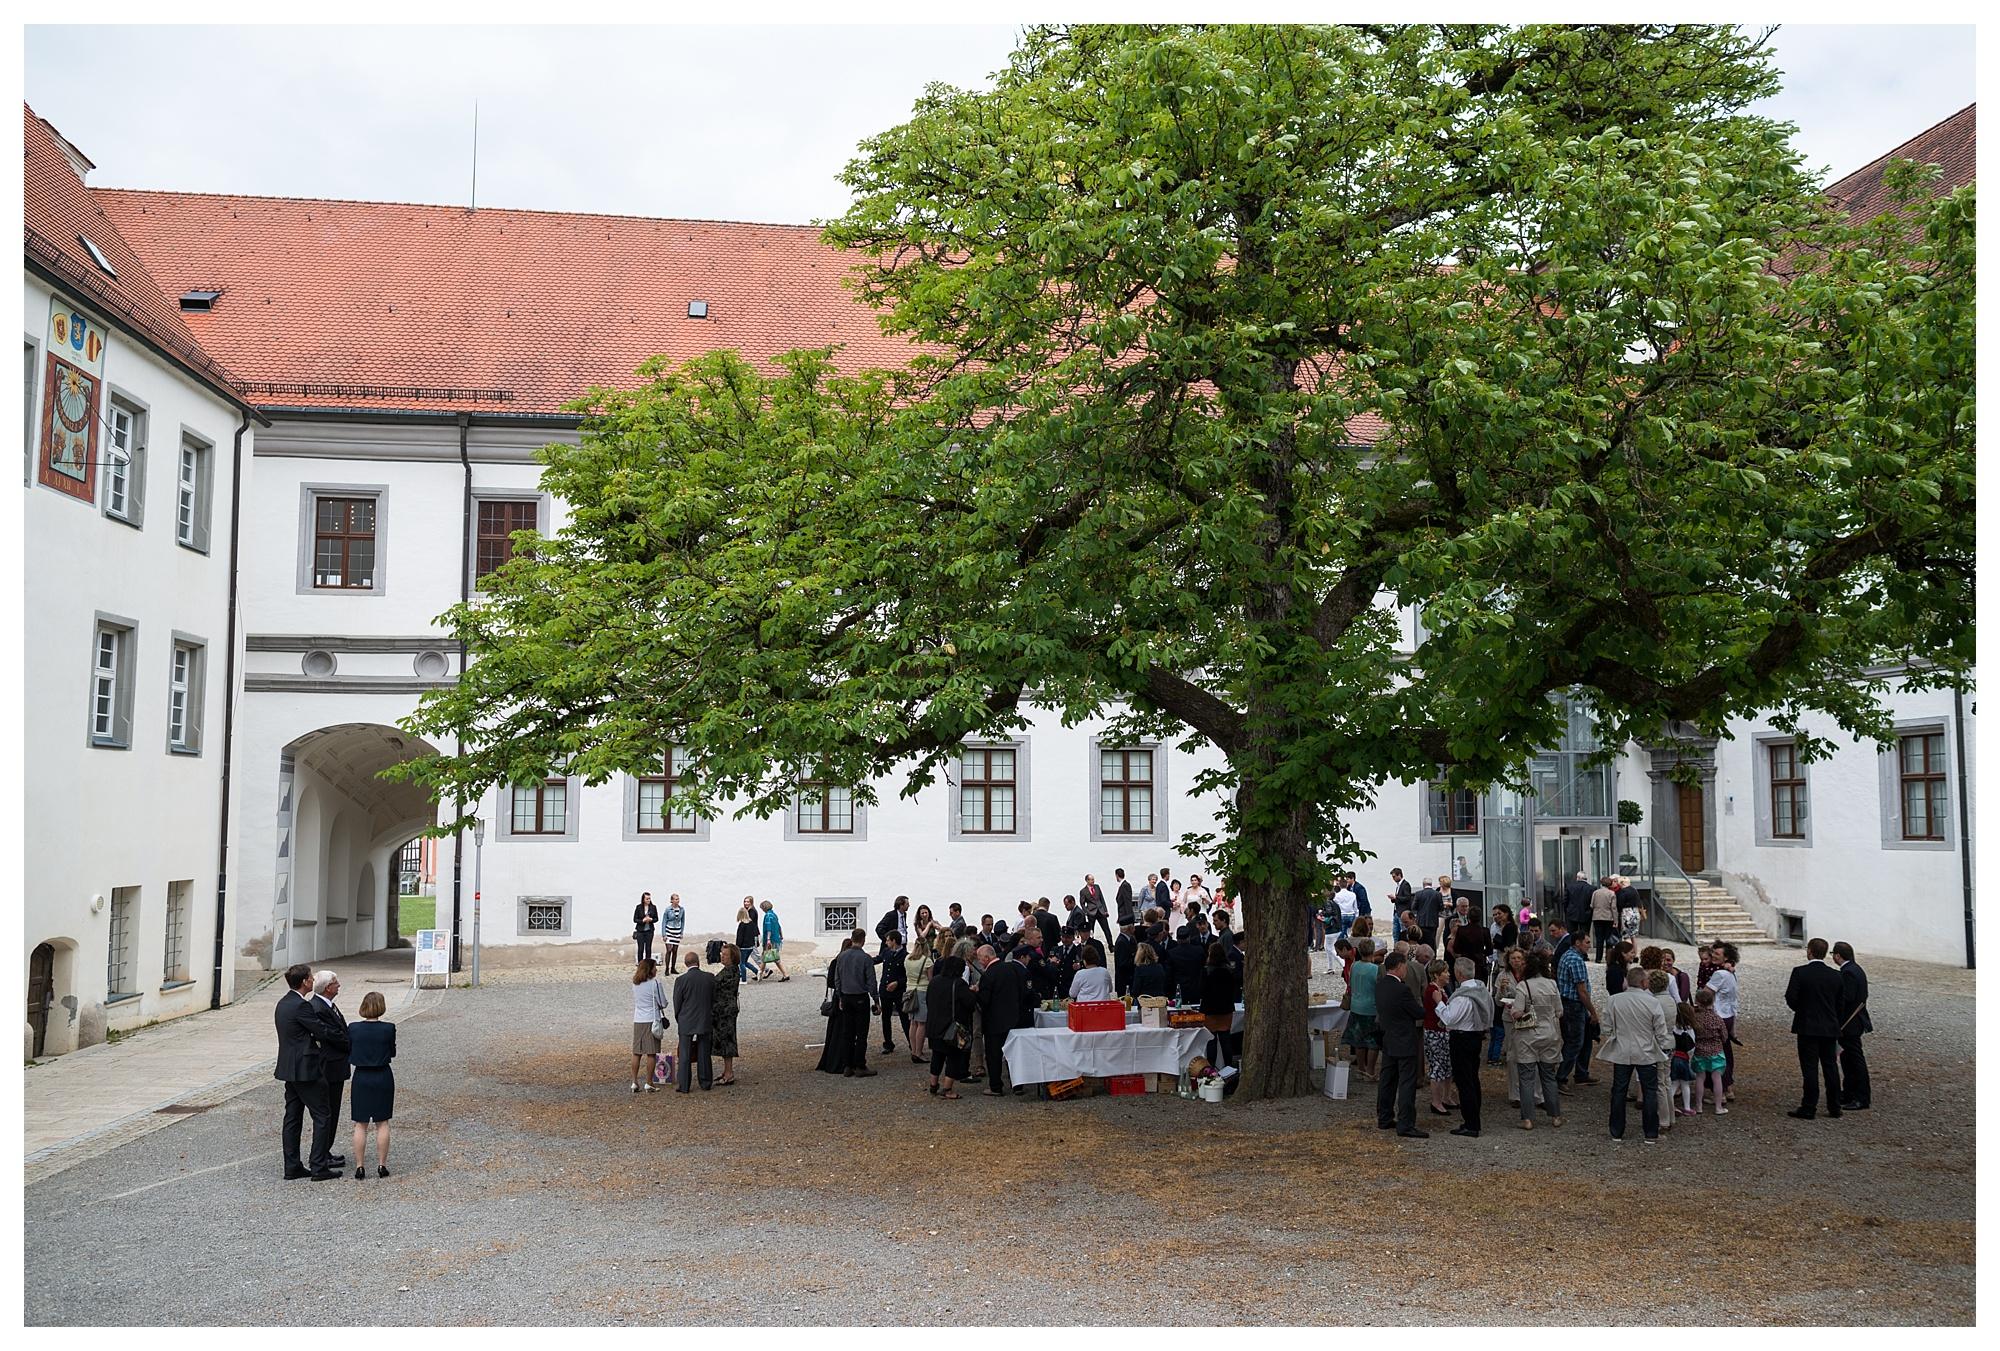 Fotograf Konstanz - Hochzeit Tanja Elmar Elmar Feuerbacher Photography Konstanz Messkirch Highlights 053 - Hochzeitsreportage von Tanja und Elmar im Schloss Meßkirch  - 157 -